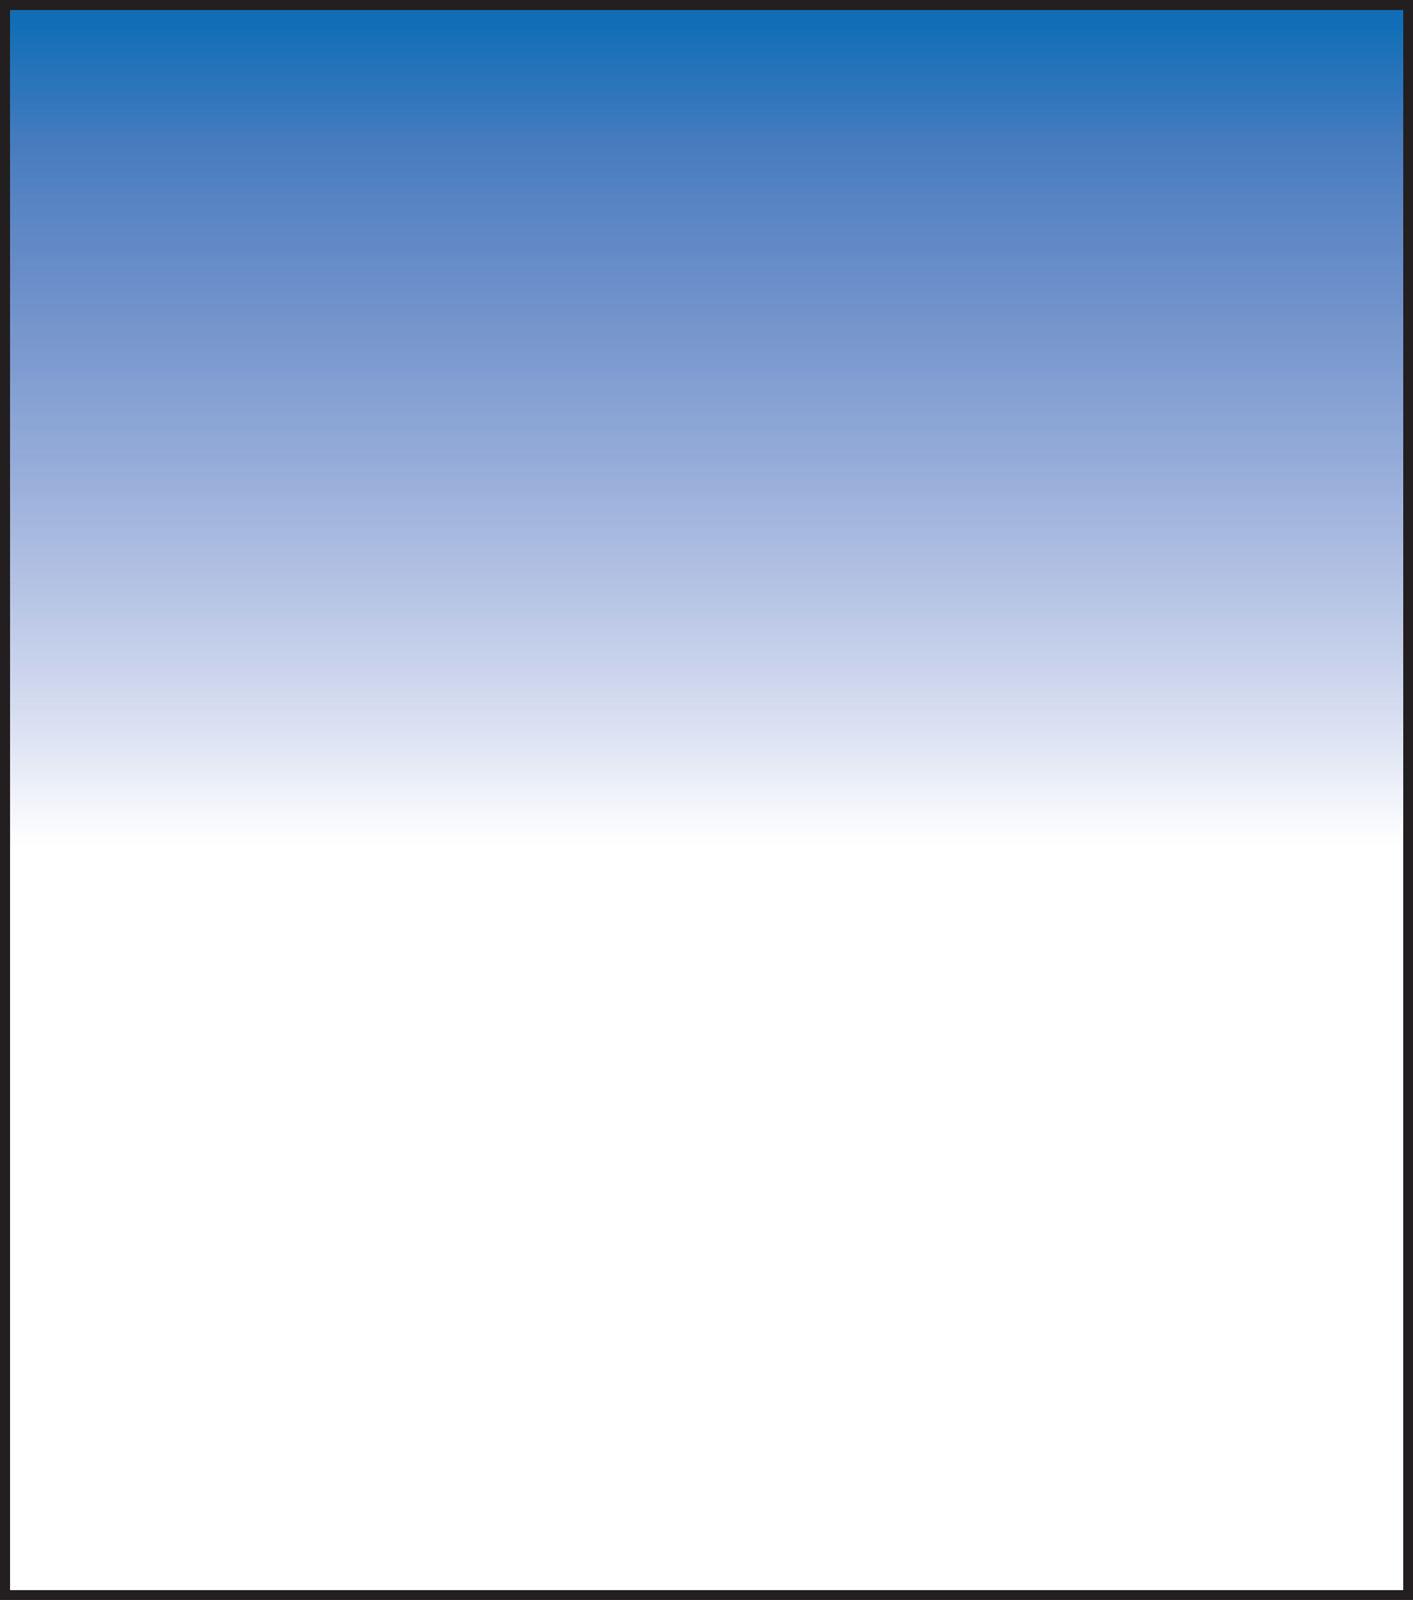 SW150-Sky-Blue-5-Soft-Grad